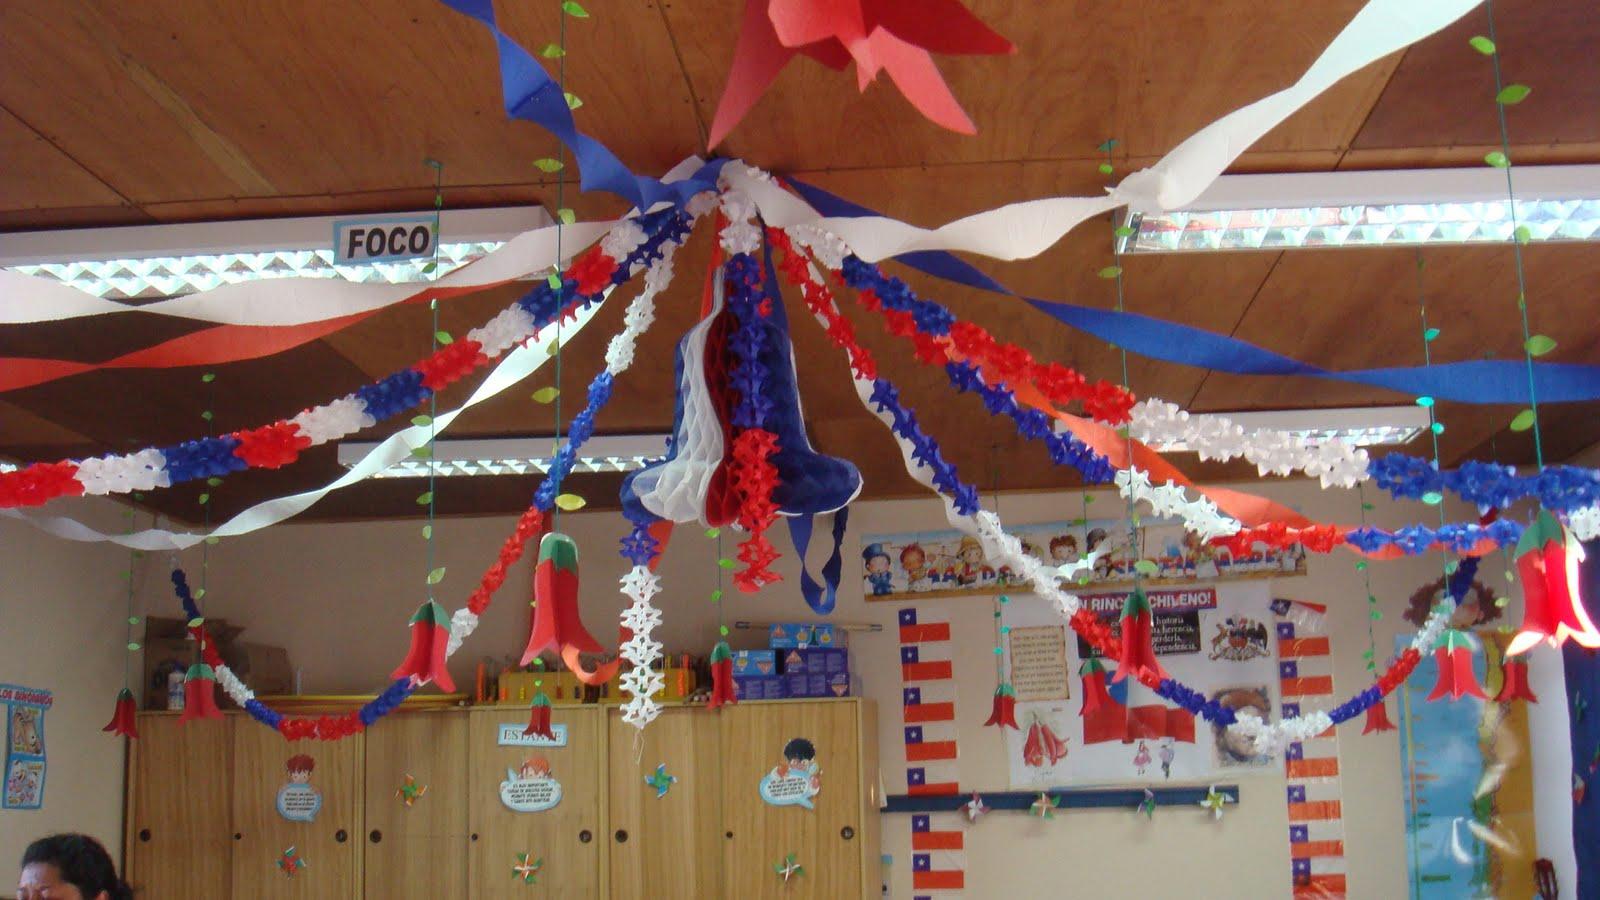 Escuela de decoracion para fiestas adornos para fiestas for Escuela de decoracion